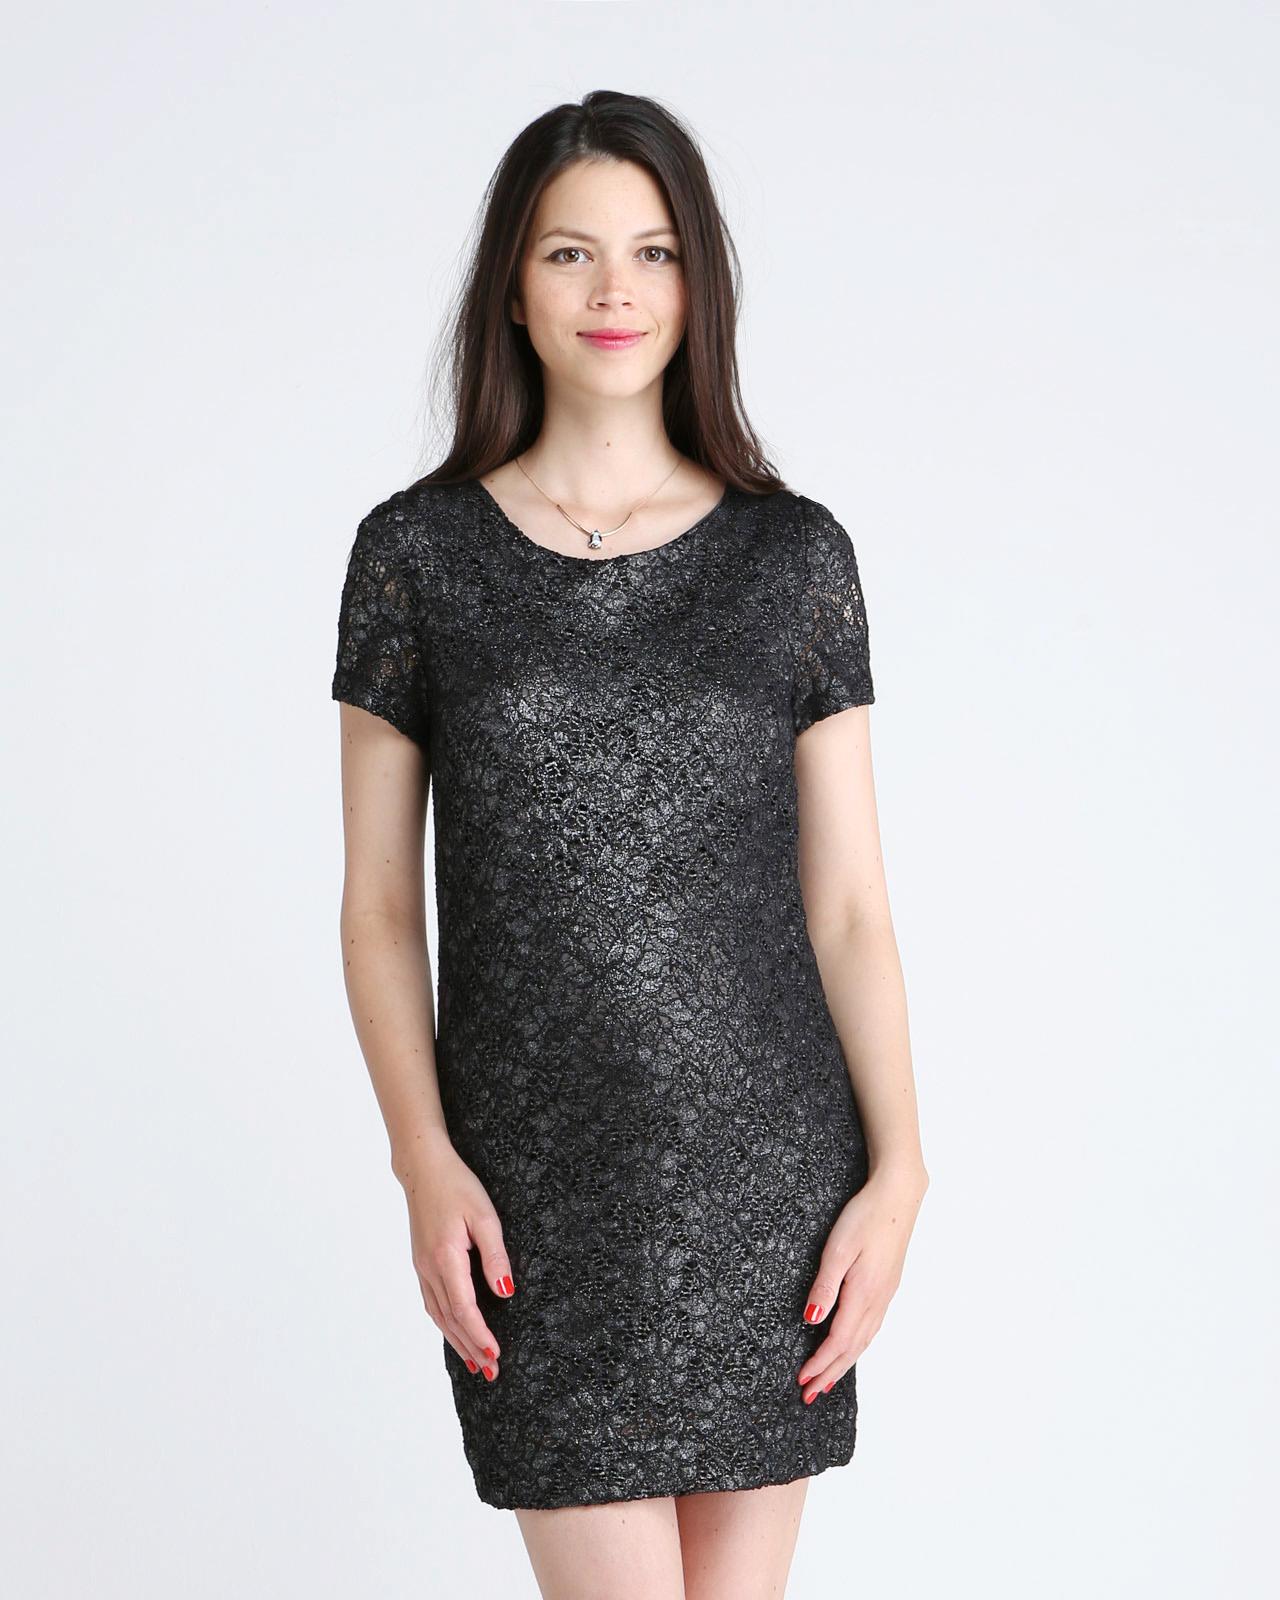 Une coupe droite et confortable pour cette robe courte à manches courtes et à l'aspect irisé. On aime sa poche sur le côté pour un aspect cool si vous la porter avec des baskets, et glamour, si vous optez pour des escarpins. Robe courte de grossesse habillée carbone irisé Billie, Emoi Emoi, 129 euros.